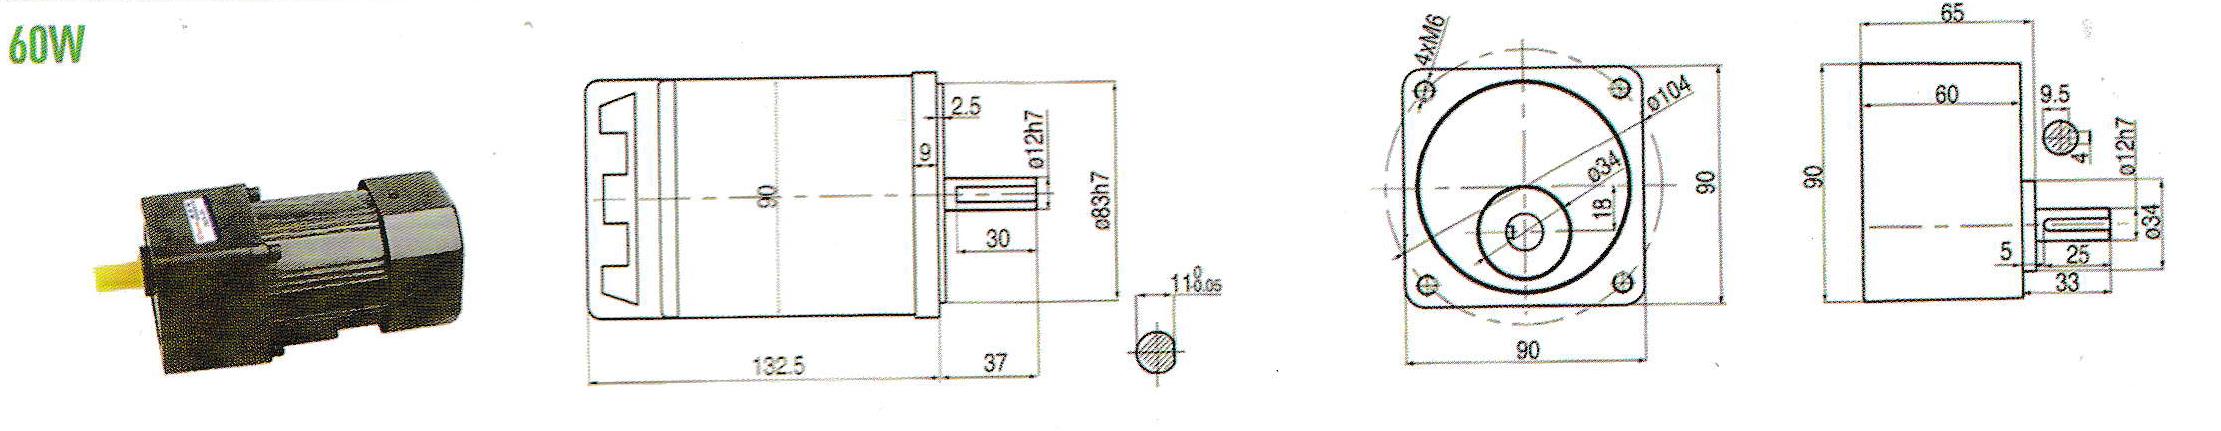 Cấu tạo motor giảm tốc mini 60W